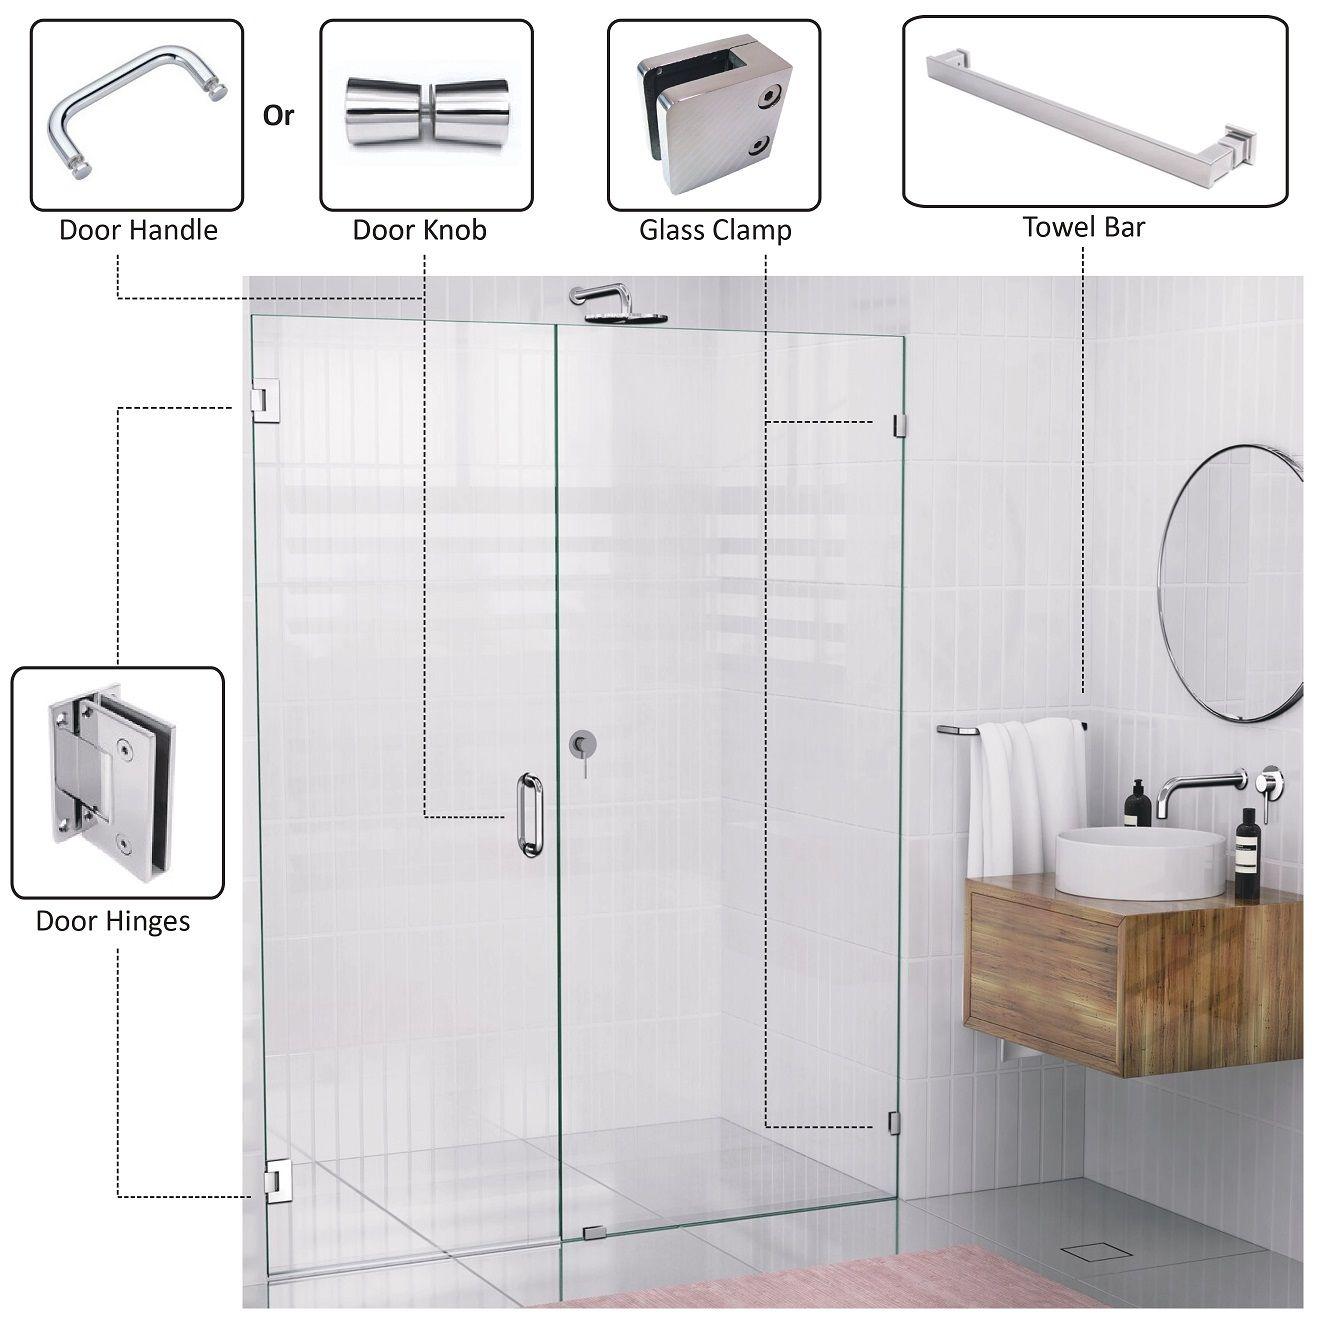 Porta de vidro do chuveiro - Porta de box de vidro